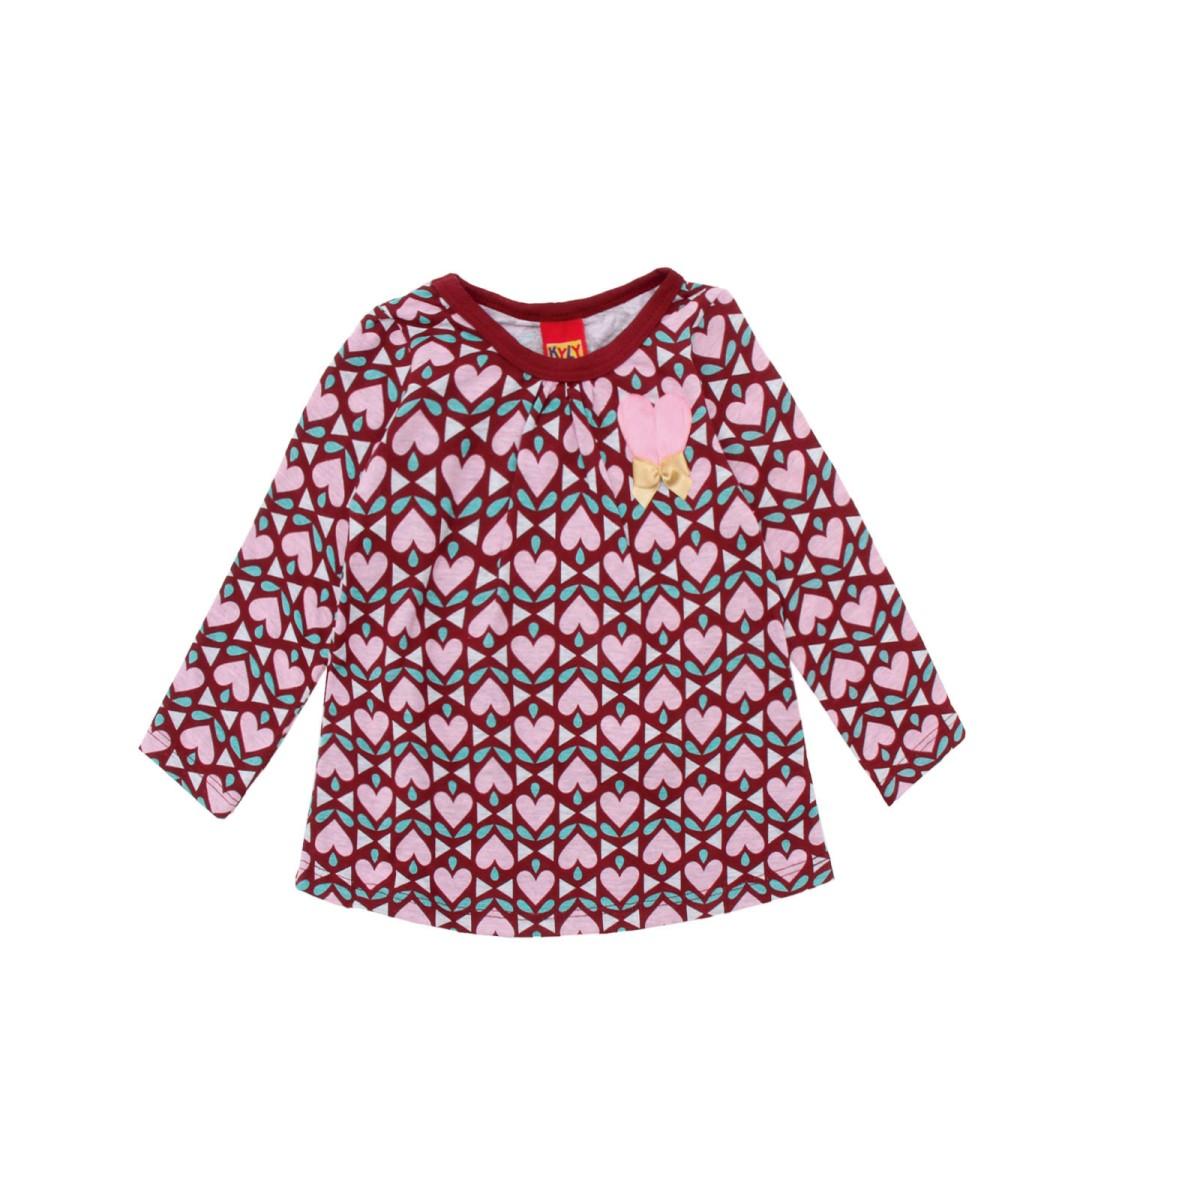 Imagem do produto Blusa Infantil Feminina Kyly Corações